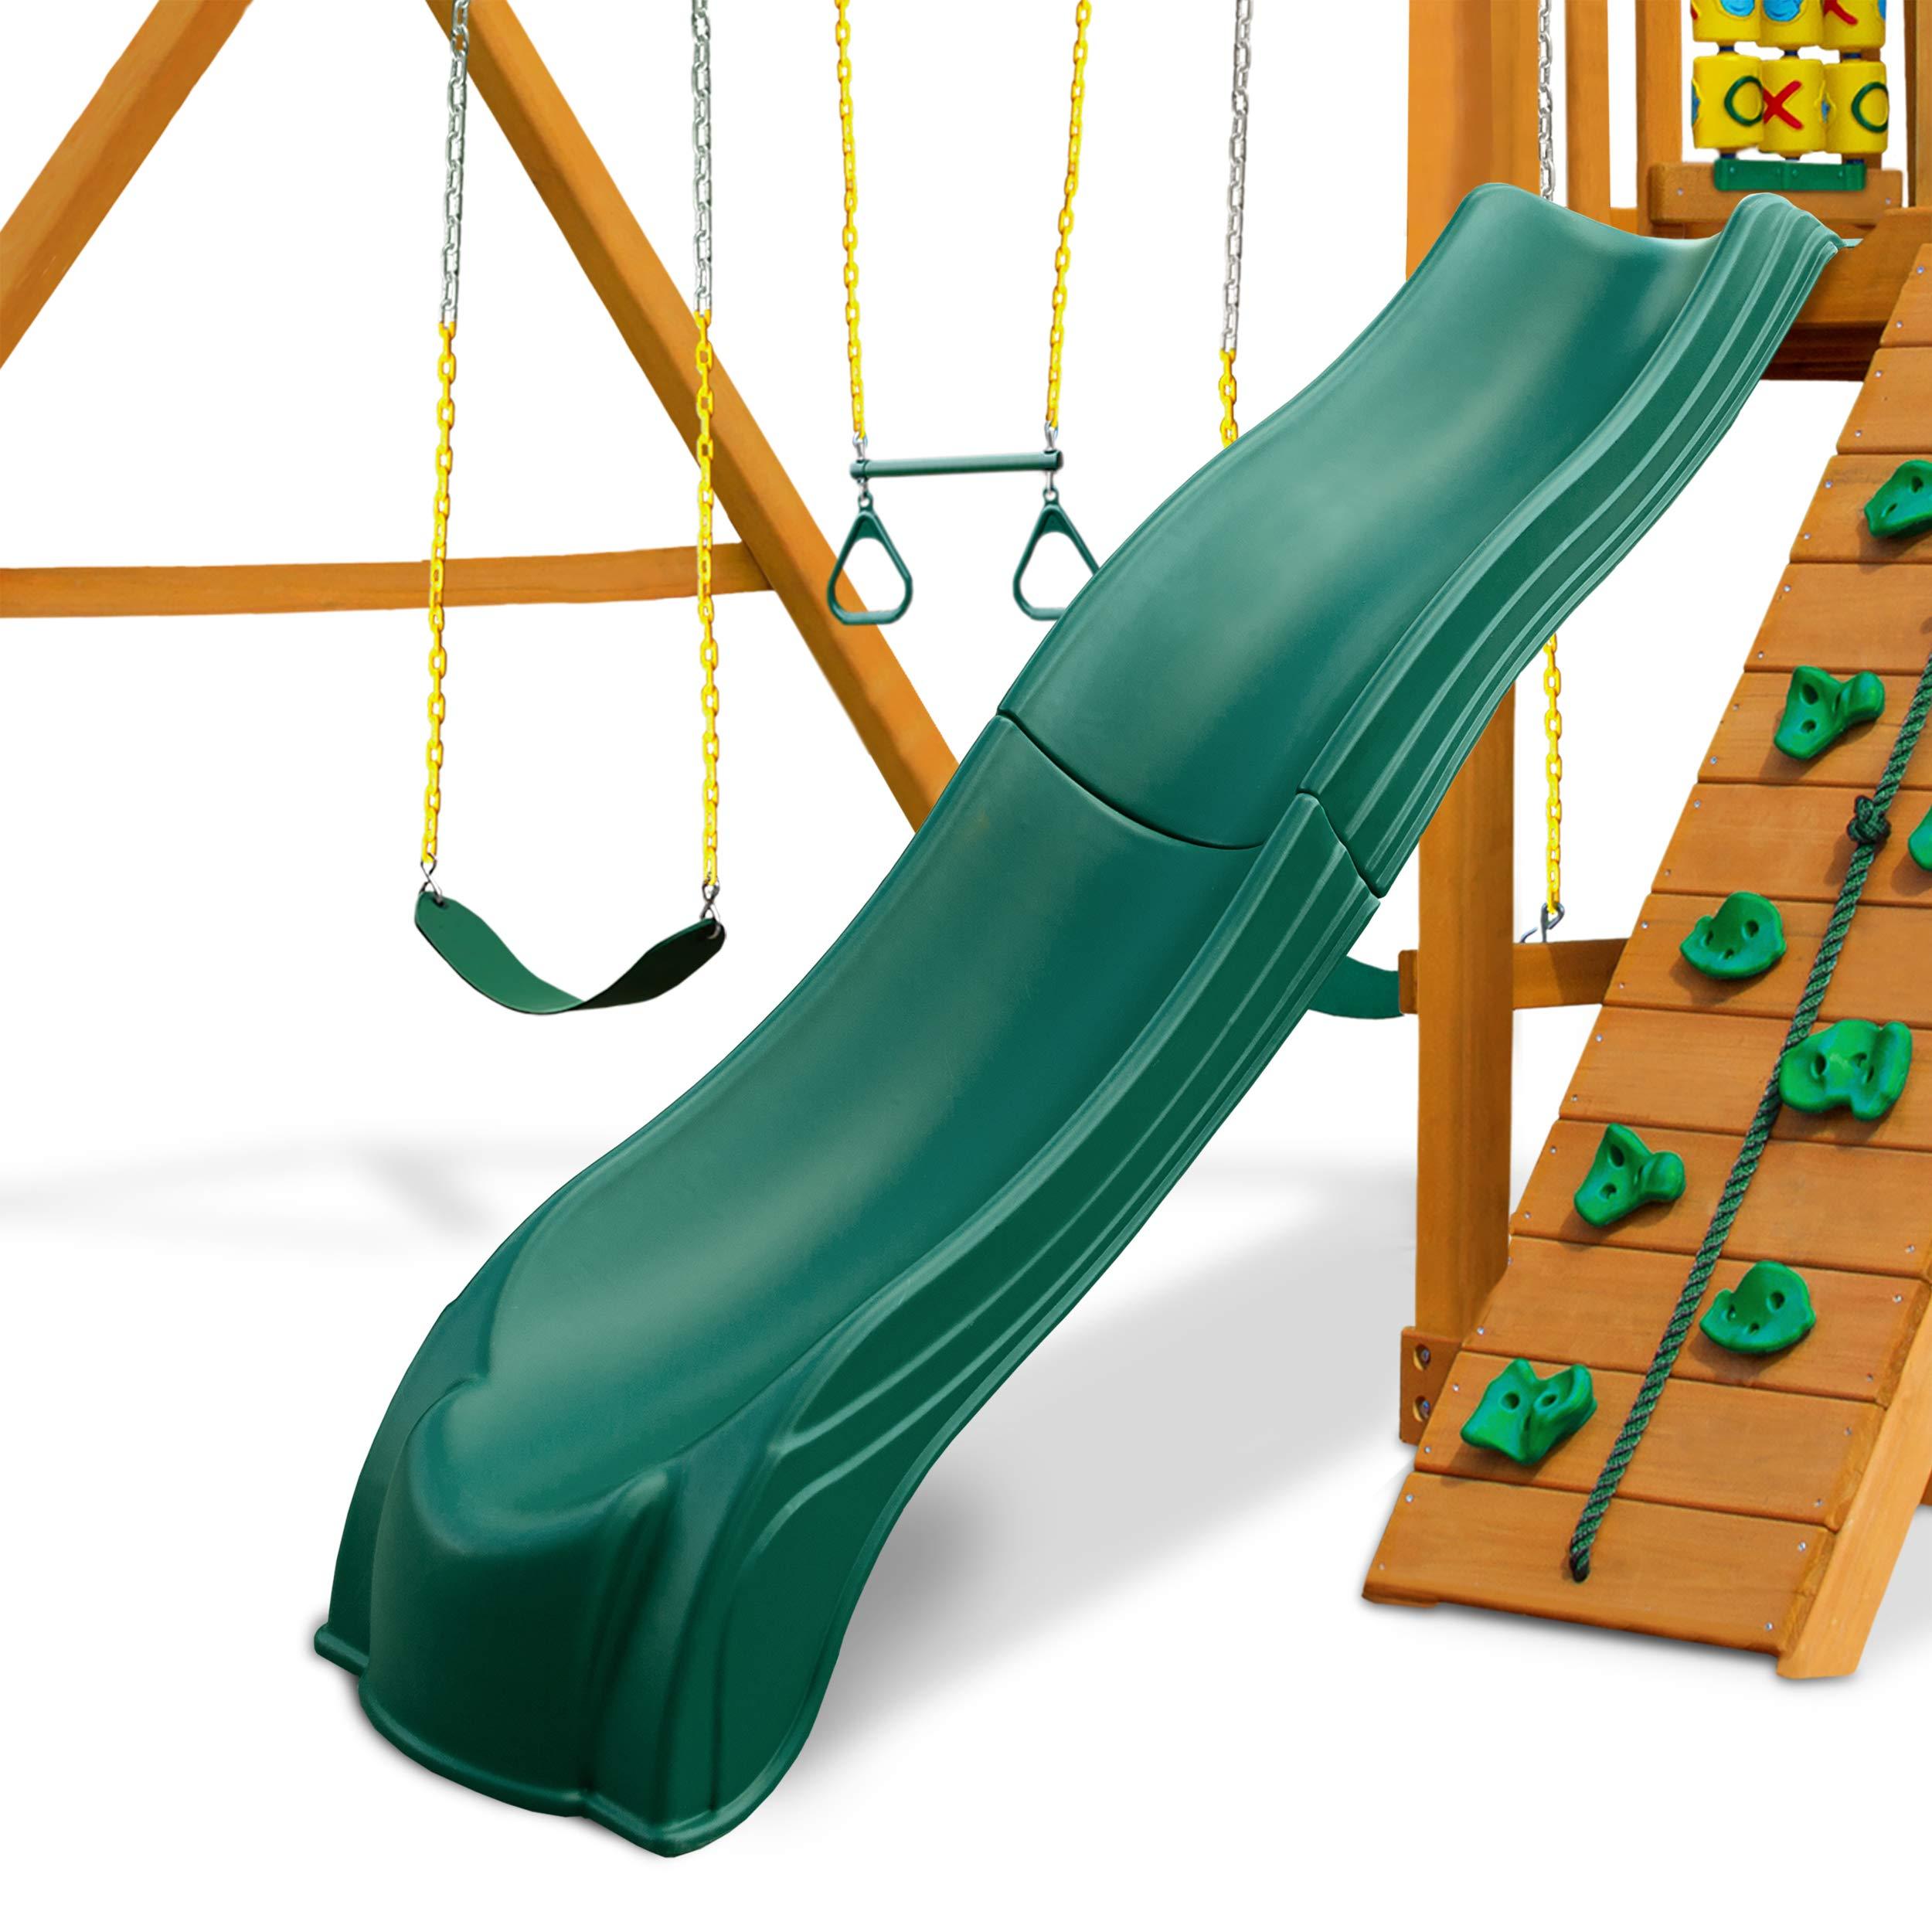 Swing-N-Slide WS 5033 Olympus Wave Slide Plastic Slide for 5' Decks, Green by Swing-N-Slide (Image #4)